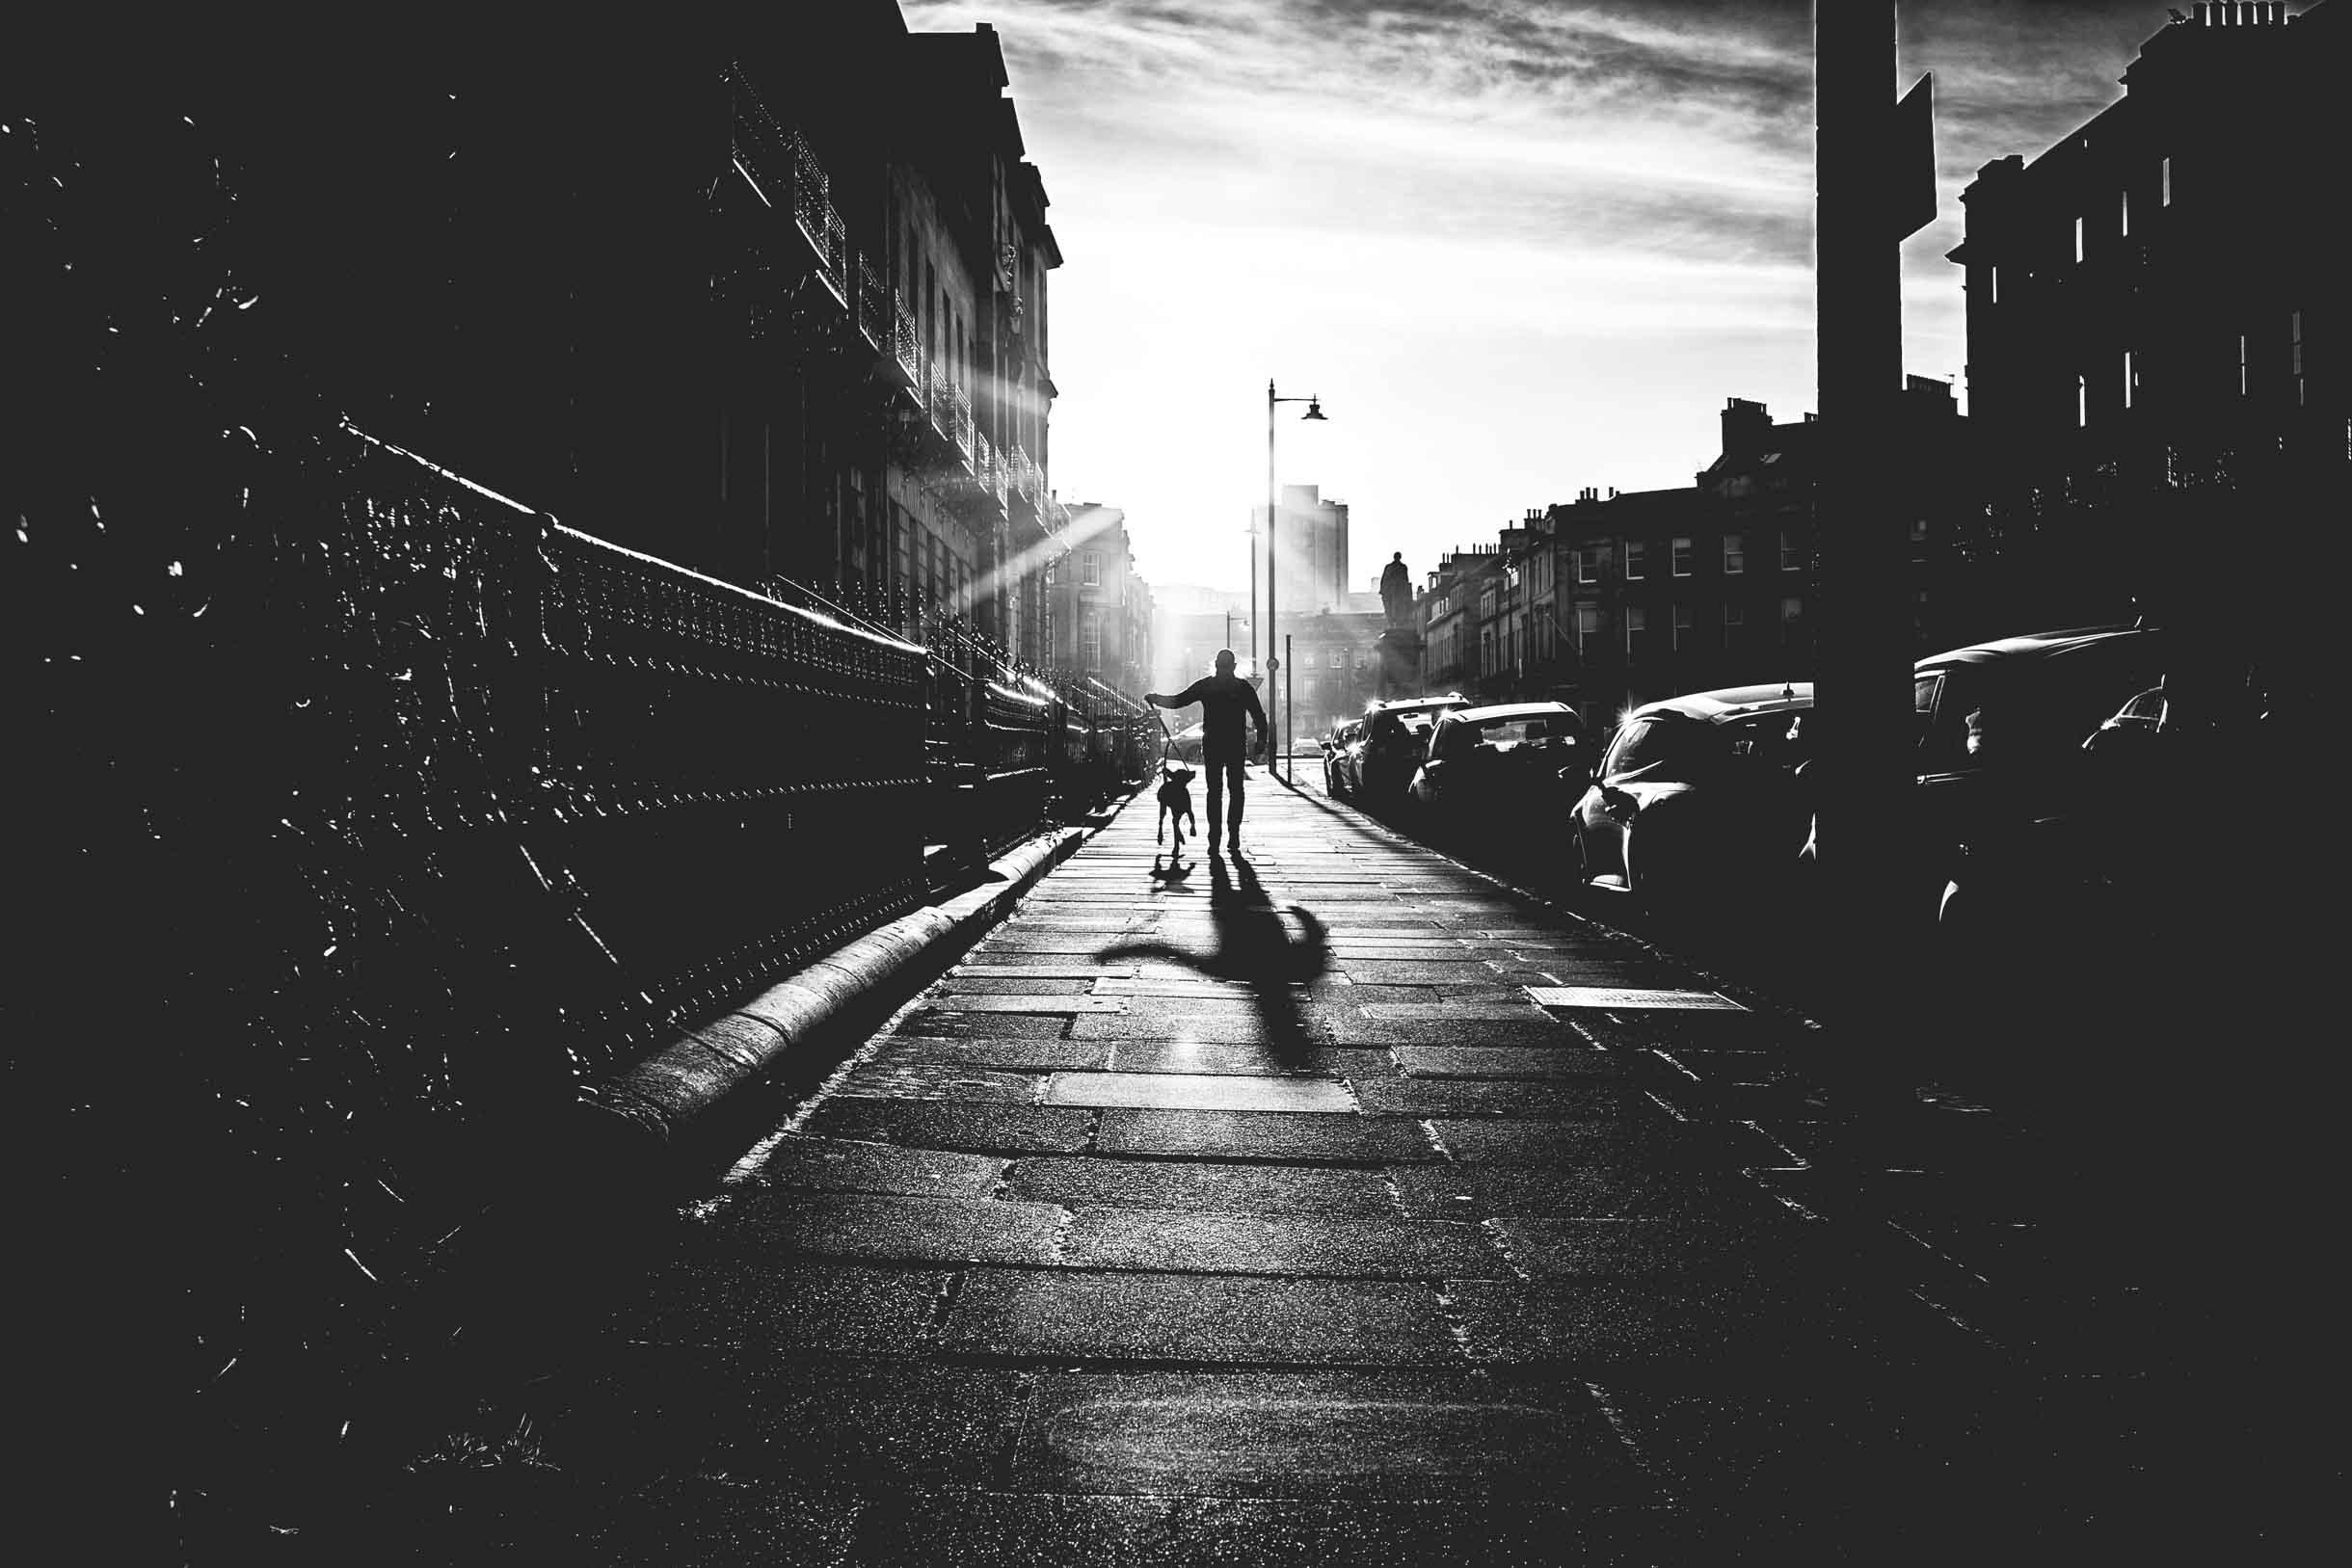 Picture Taken While Exploring Edinburgh - Man Walking His Dog